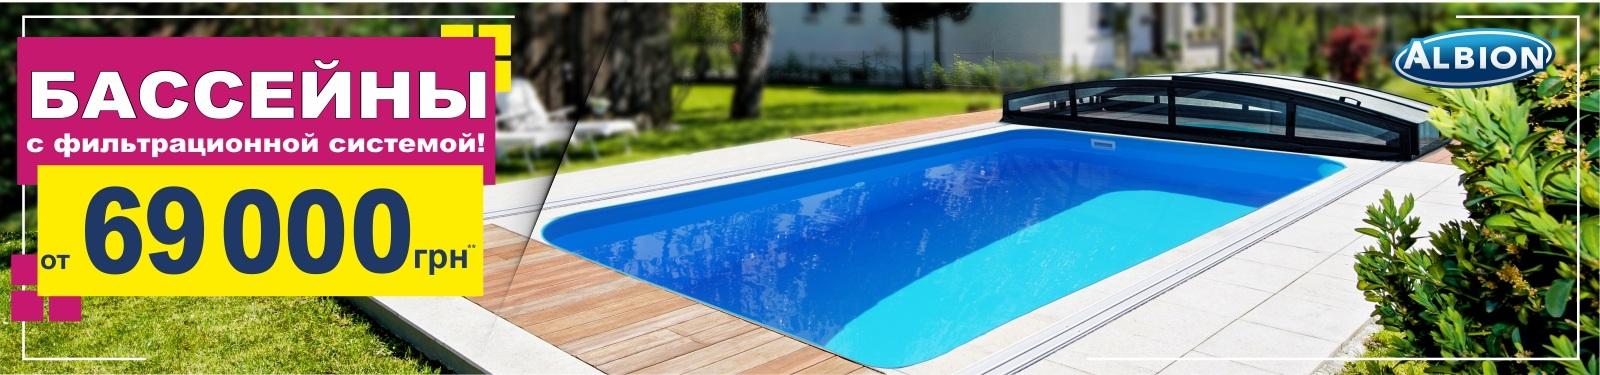 b1df07647d5b1 Купить бассейн, строительство бассейнов и продажа бассейнов в Днепре